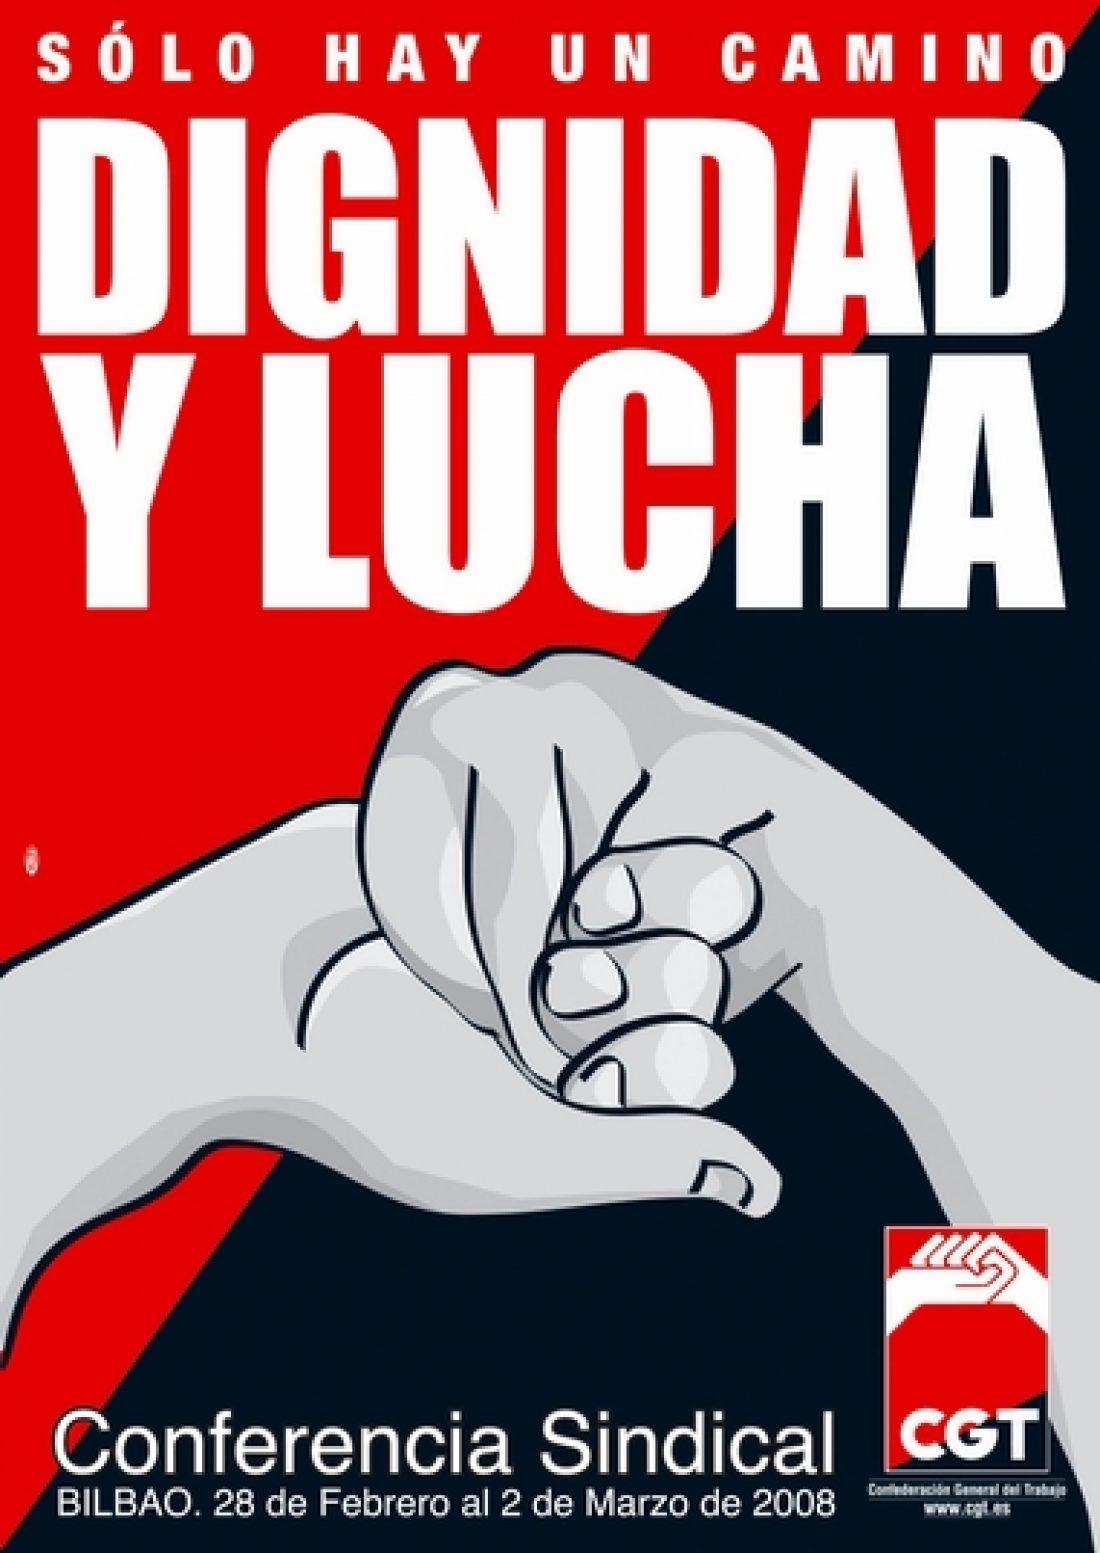 CGT celebra en Bilbao su conferencia sindical estatal